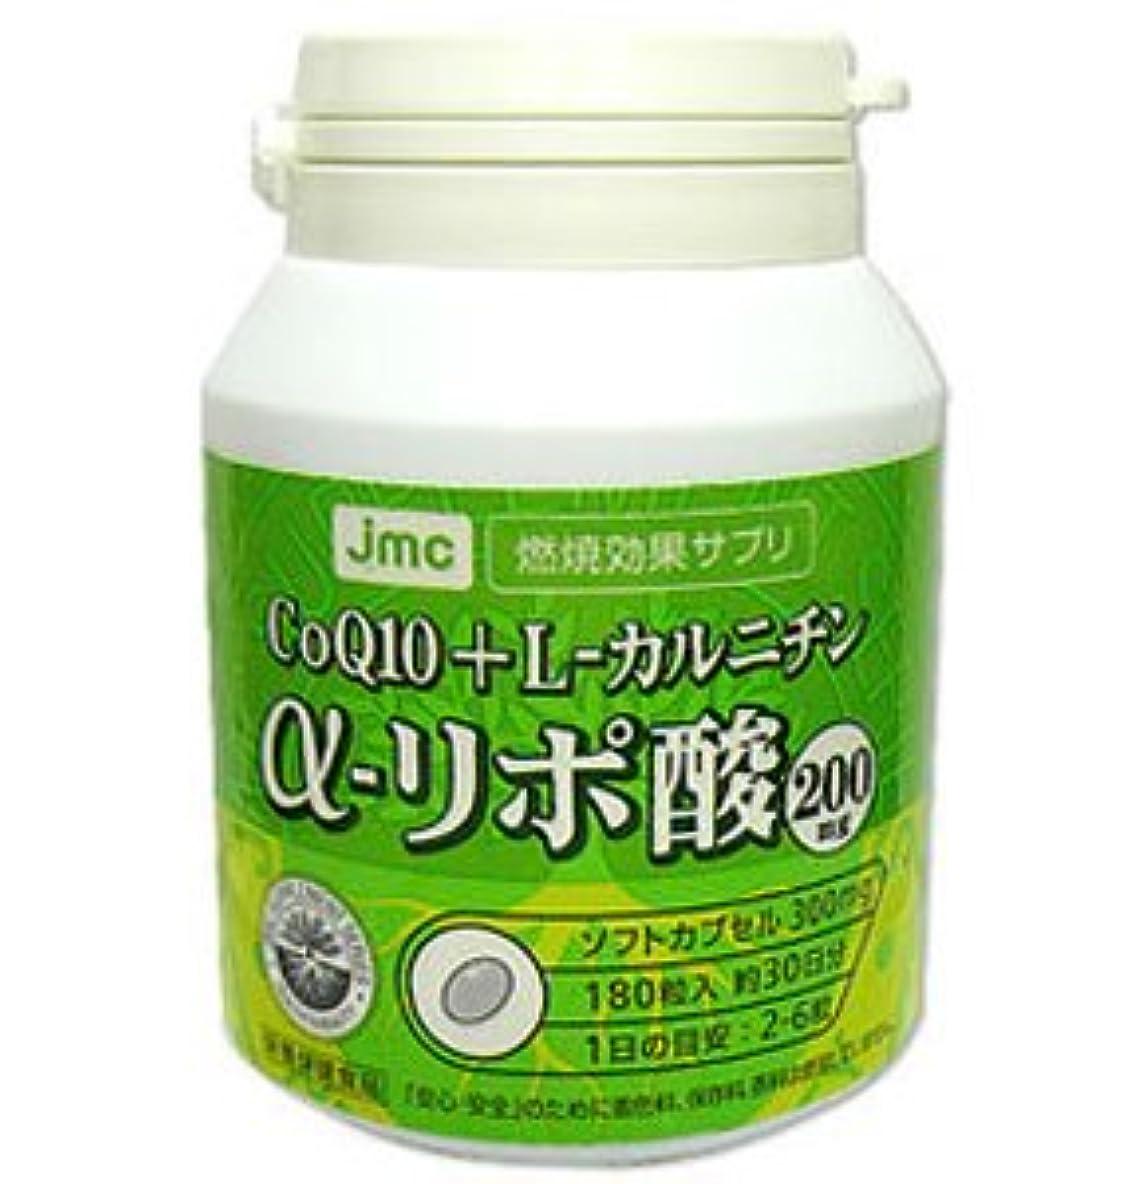 バランスのとれた配置混乱させるα-リポ酸200mg(αリポ酸、COQ10、L-カルニチン、共役リノール酸配合ダイエットサプリ)